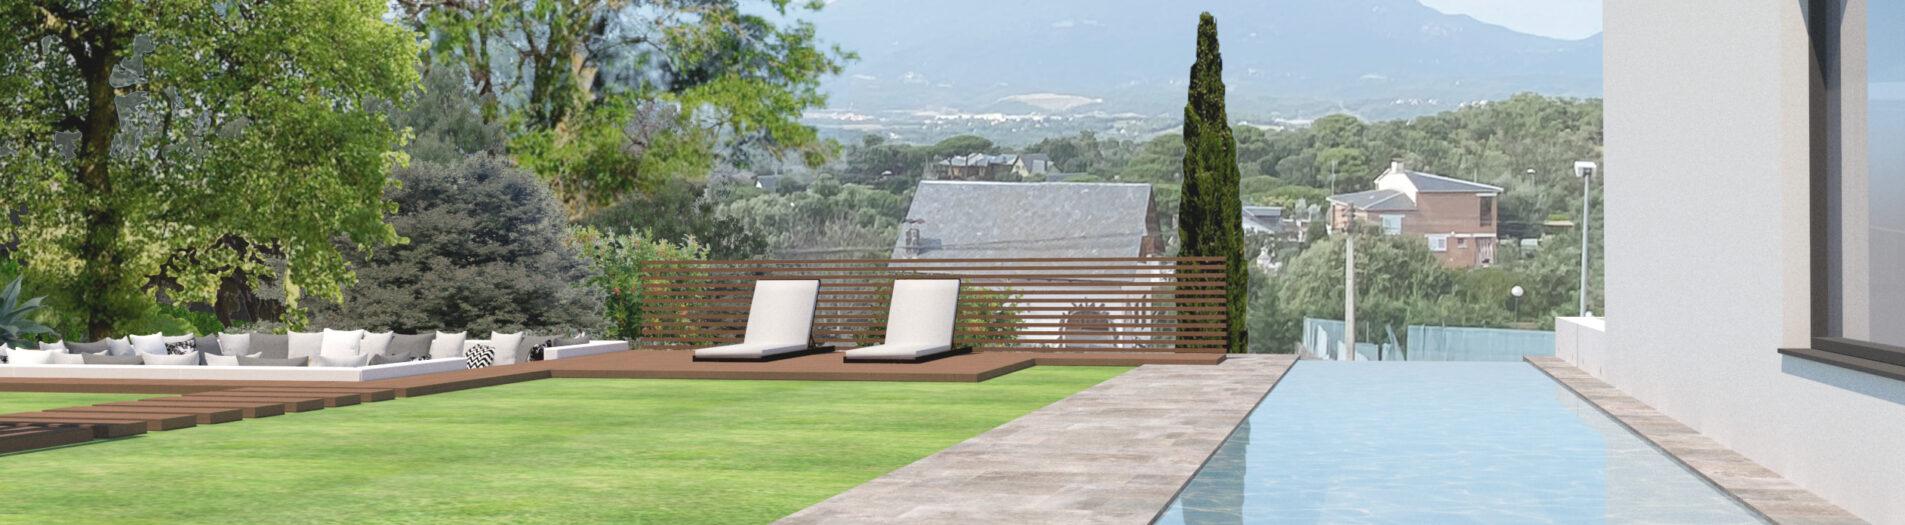 Diseño Jardín y piscina en Vallgorguina